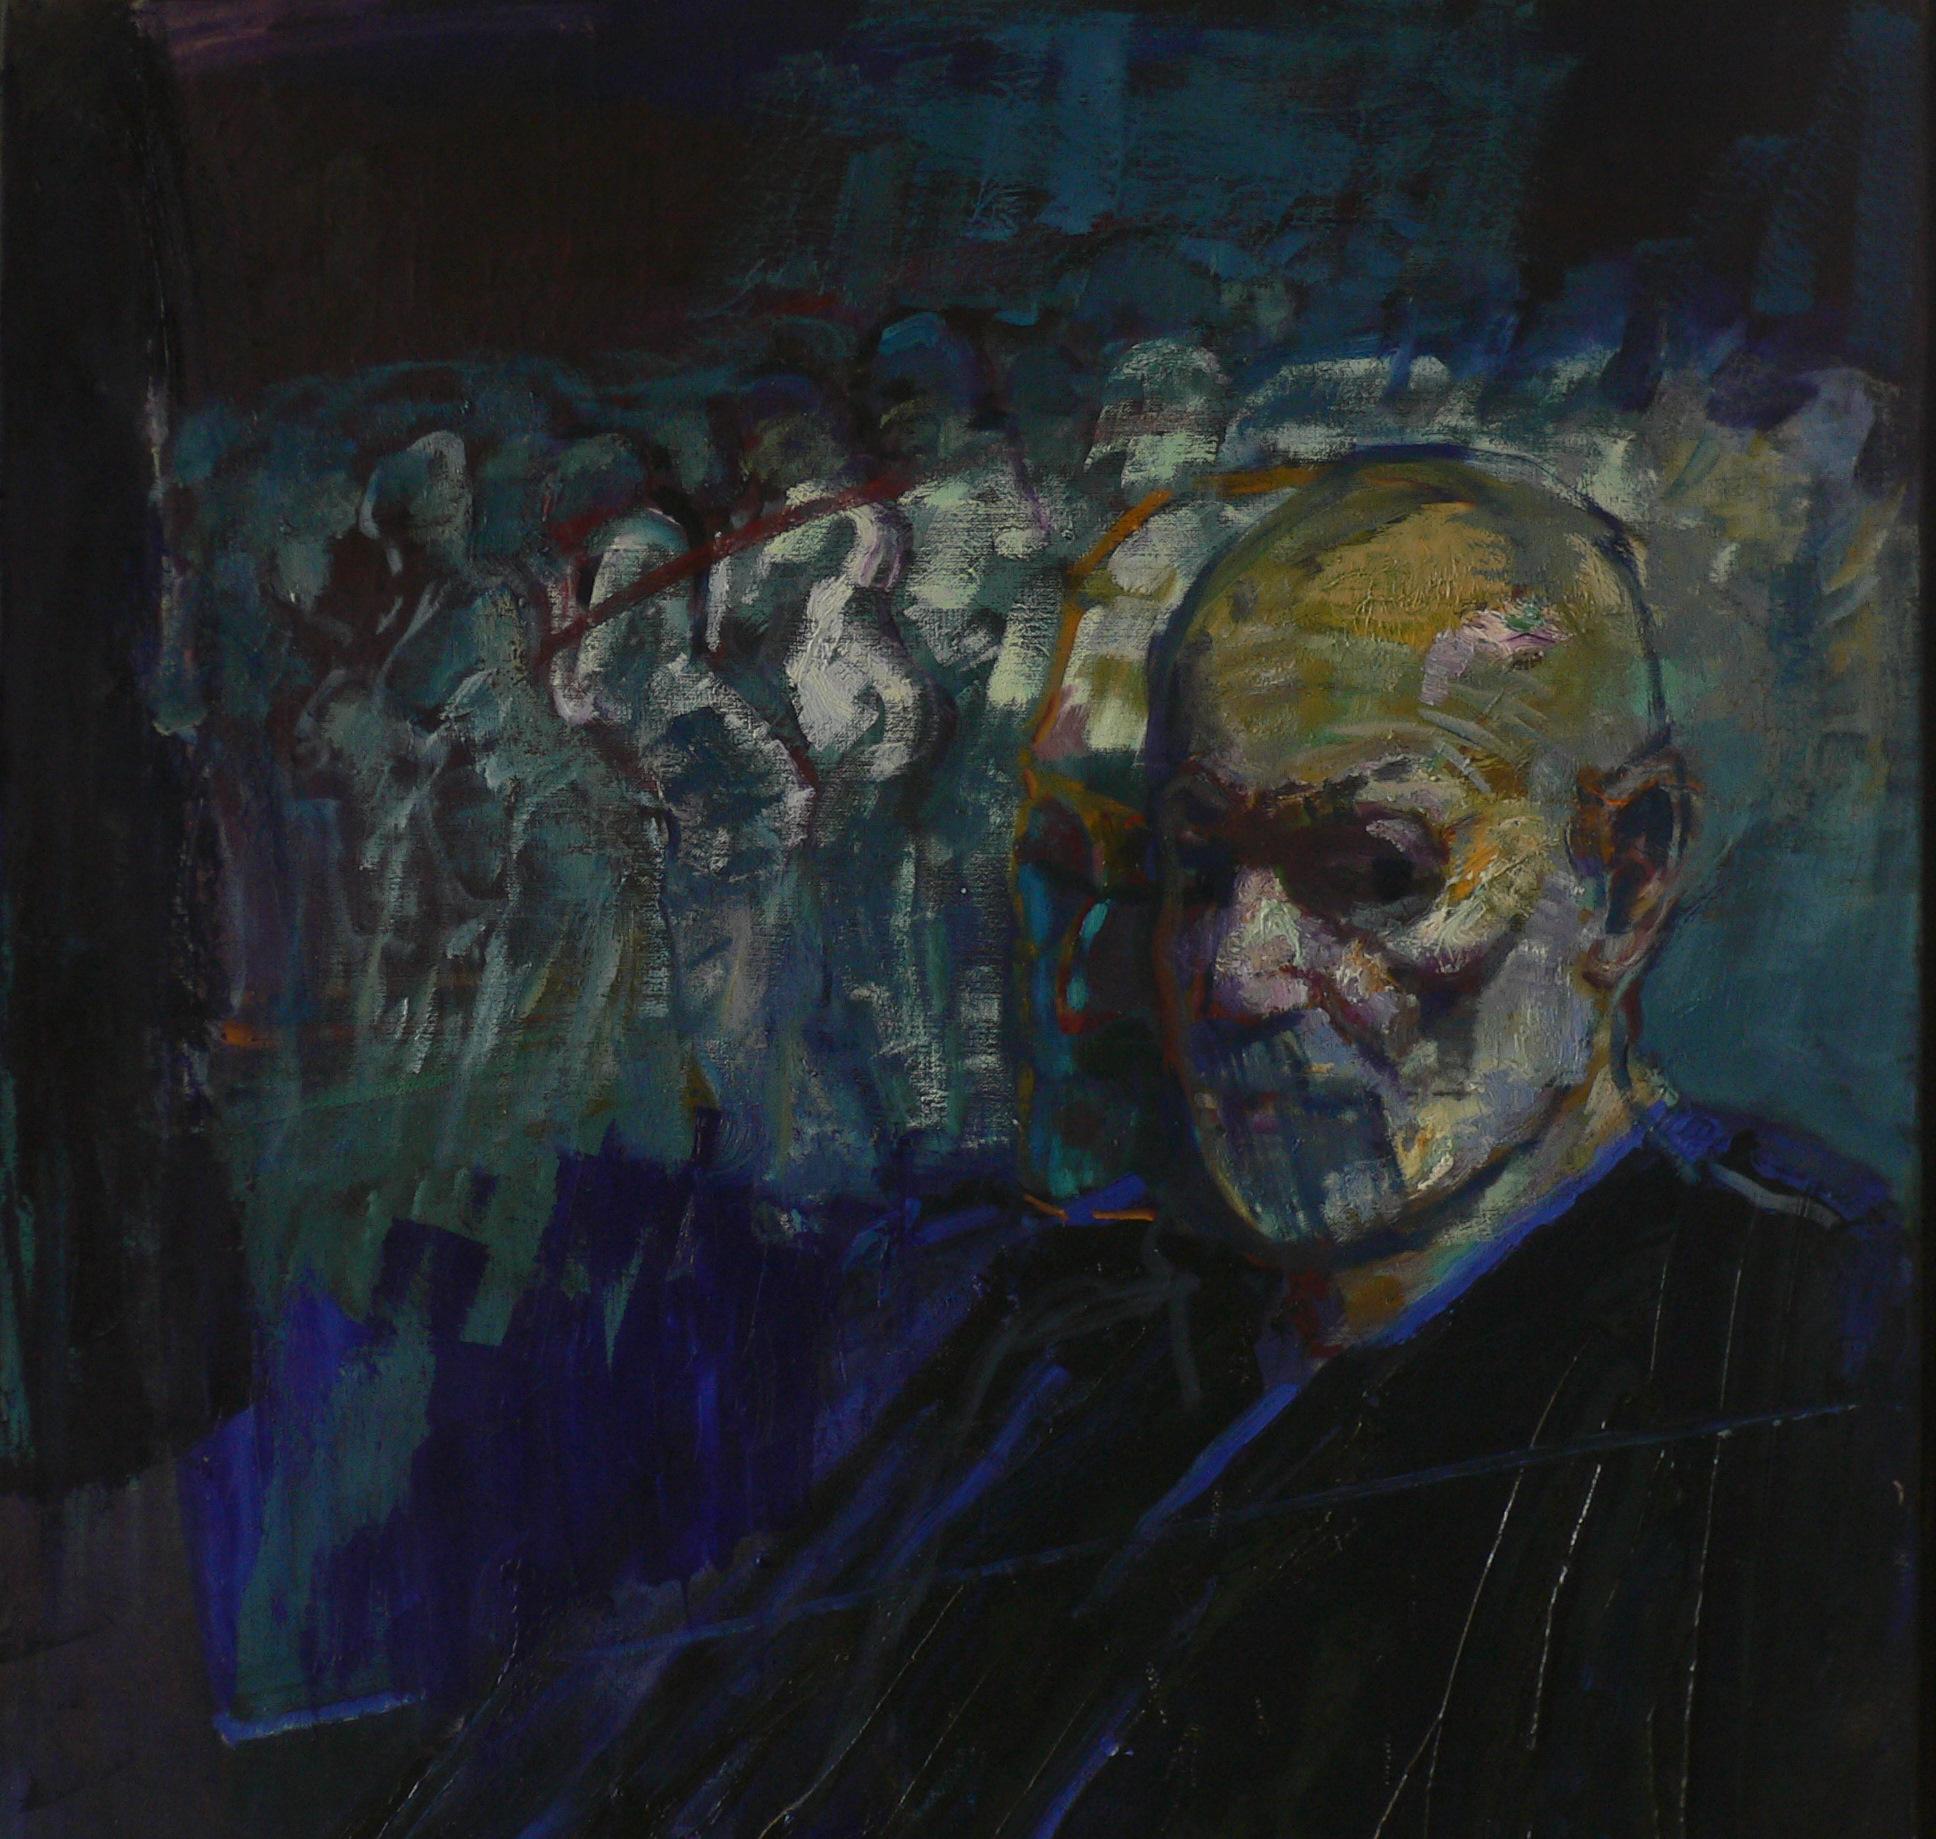 portrait avec migrants huile sur toile 100x90 cm